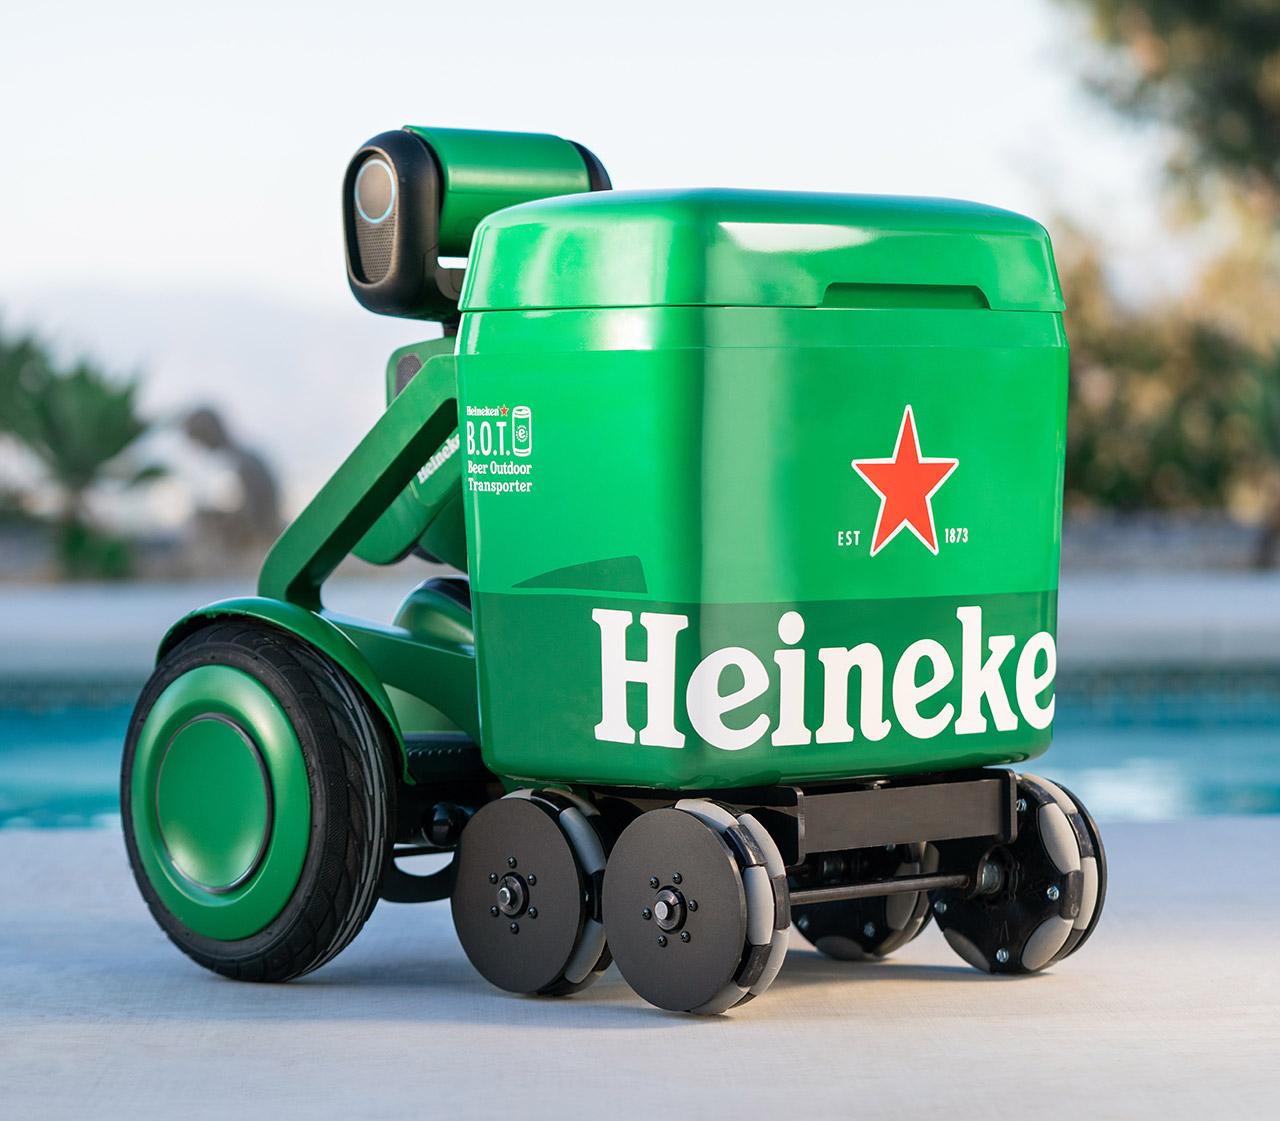 Heineken BOT Beer Outdoor Transporter Robot